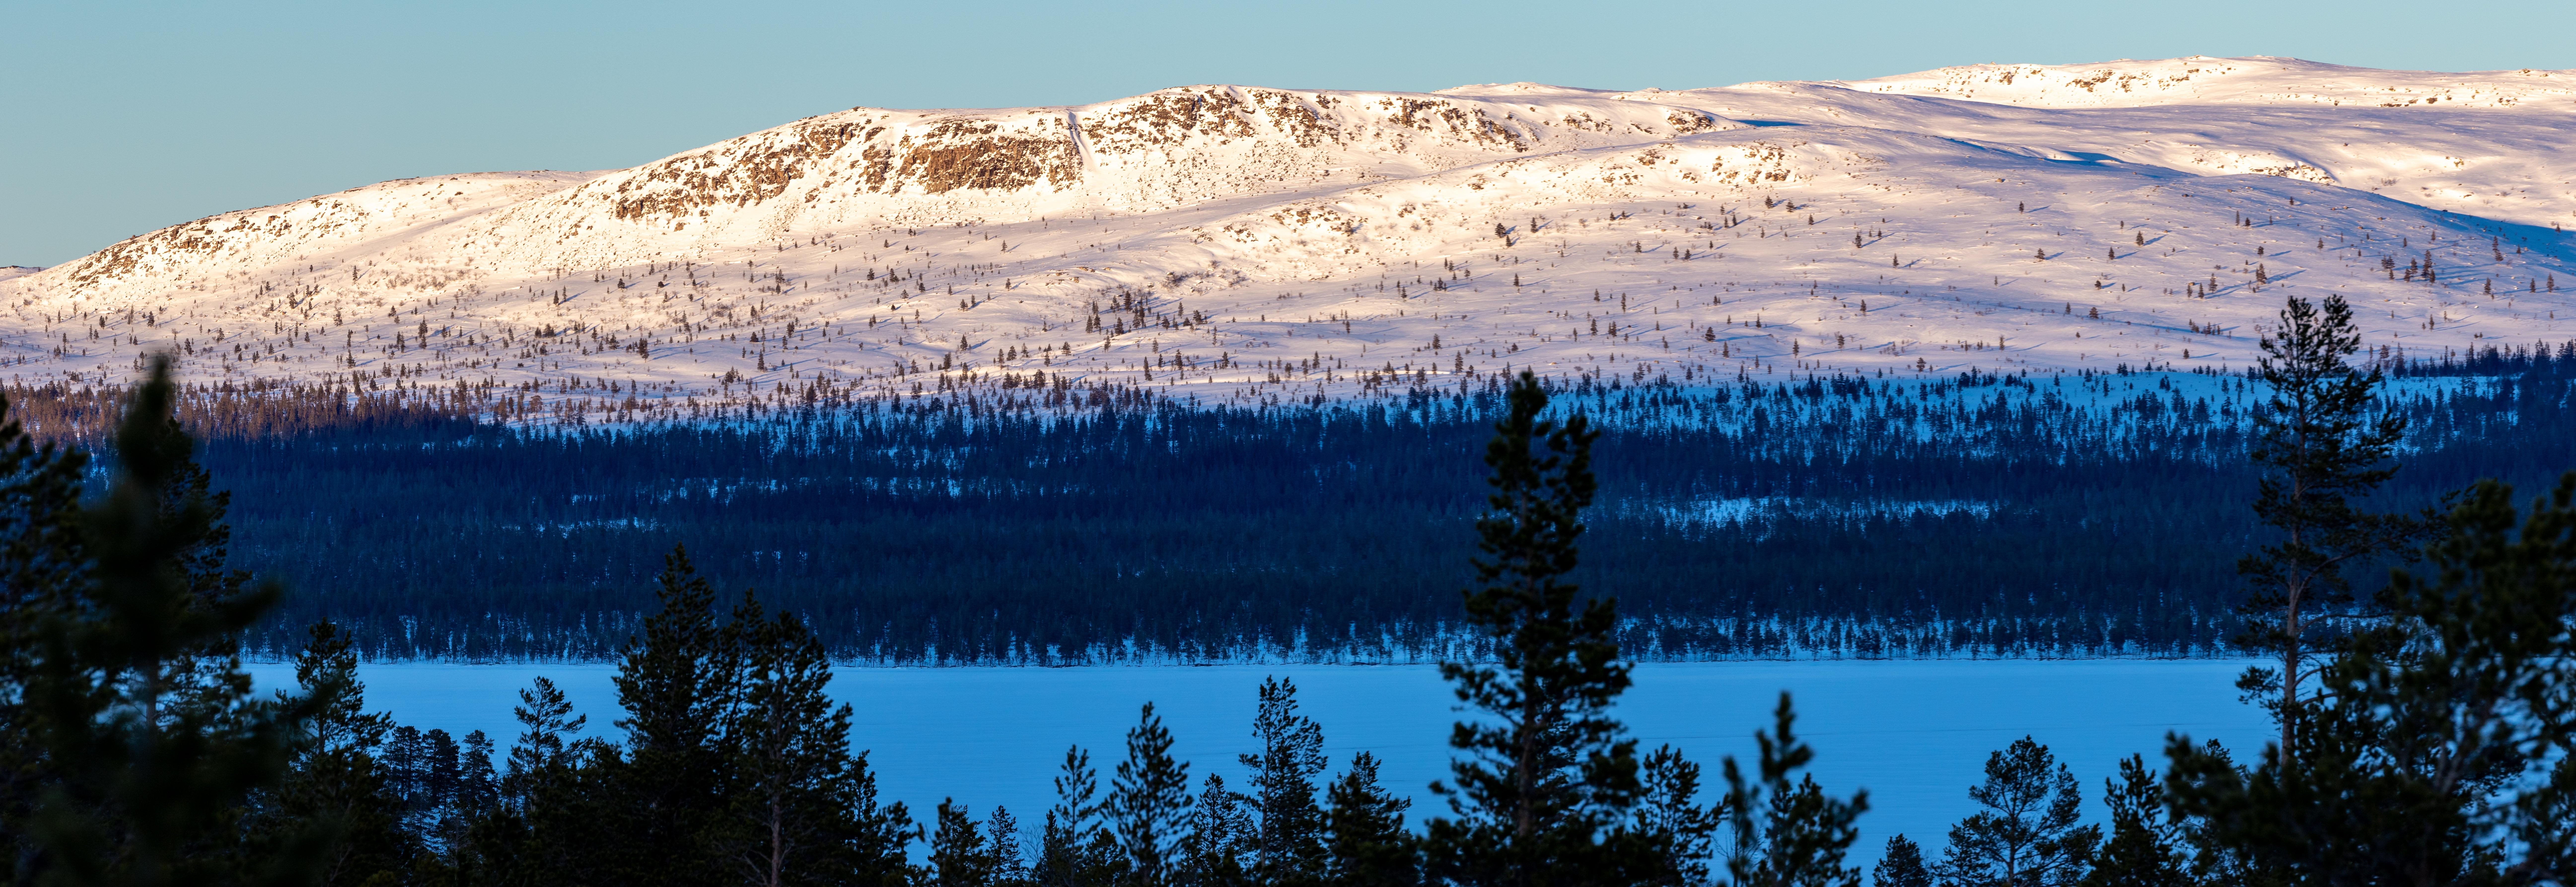 Kveldsol over landskapet rundt Sølensjøen